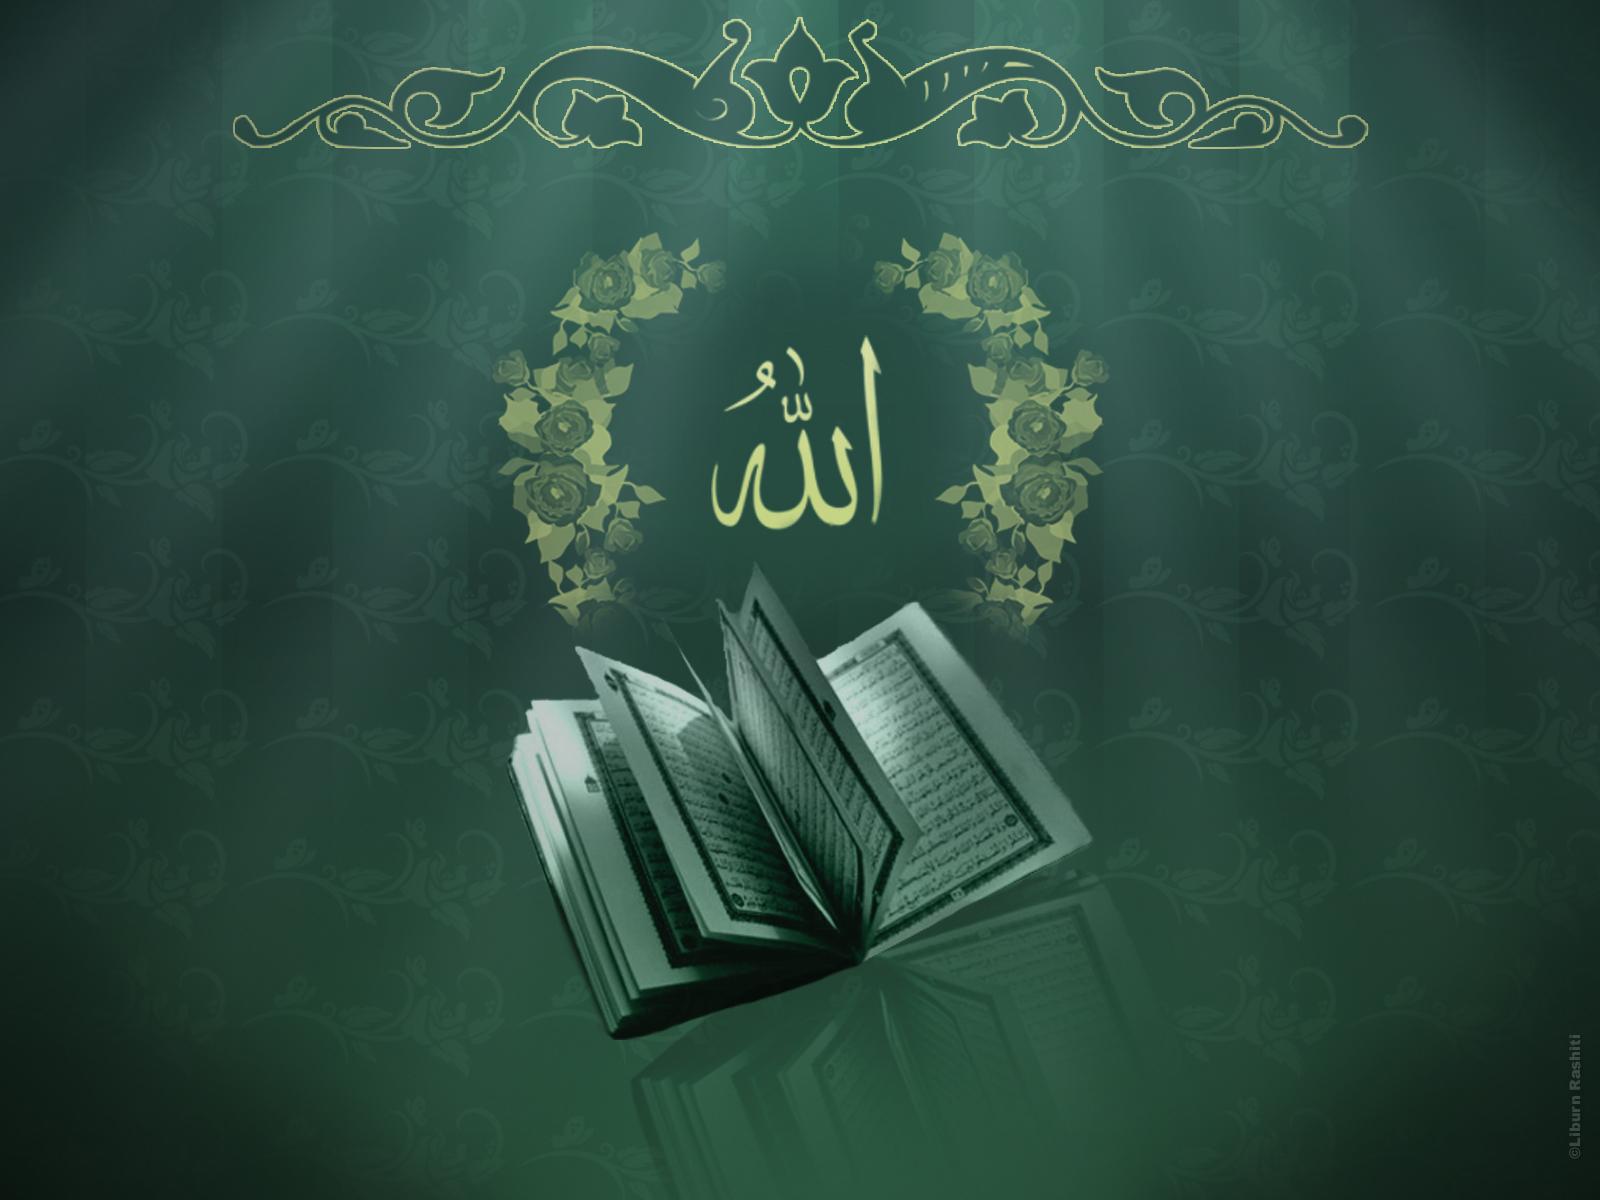 http://1.bp.blogspot.com/_zQeMaKcHqg0/TJHXcCW9rrI/AAAAAAAAABg/m7p1tNwGbFA/s1600/islamic-wallpaper-allah-quran-green.jpg